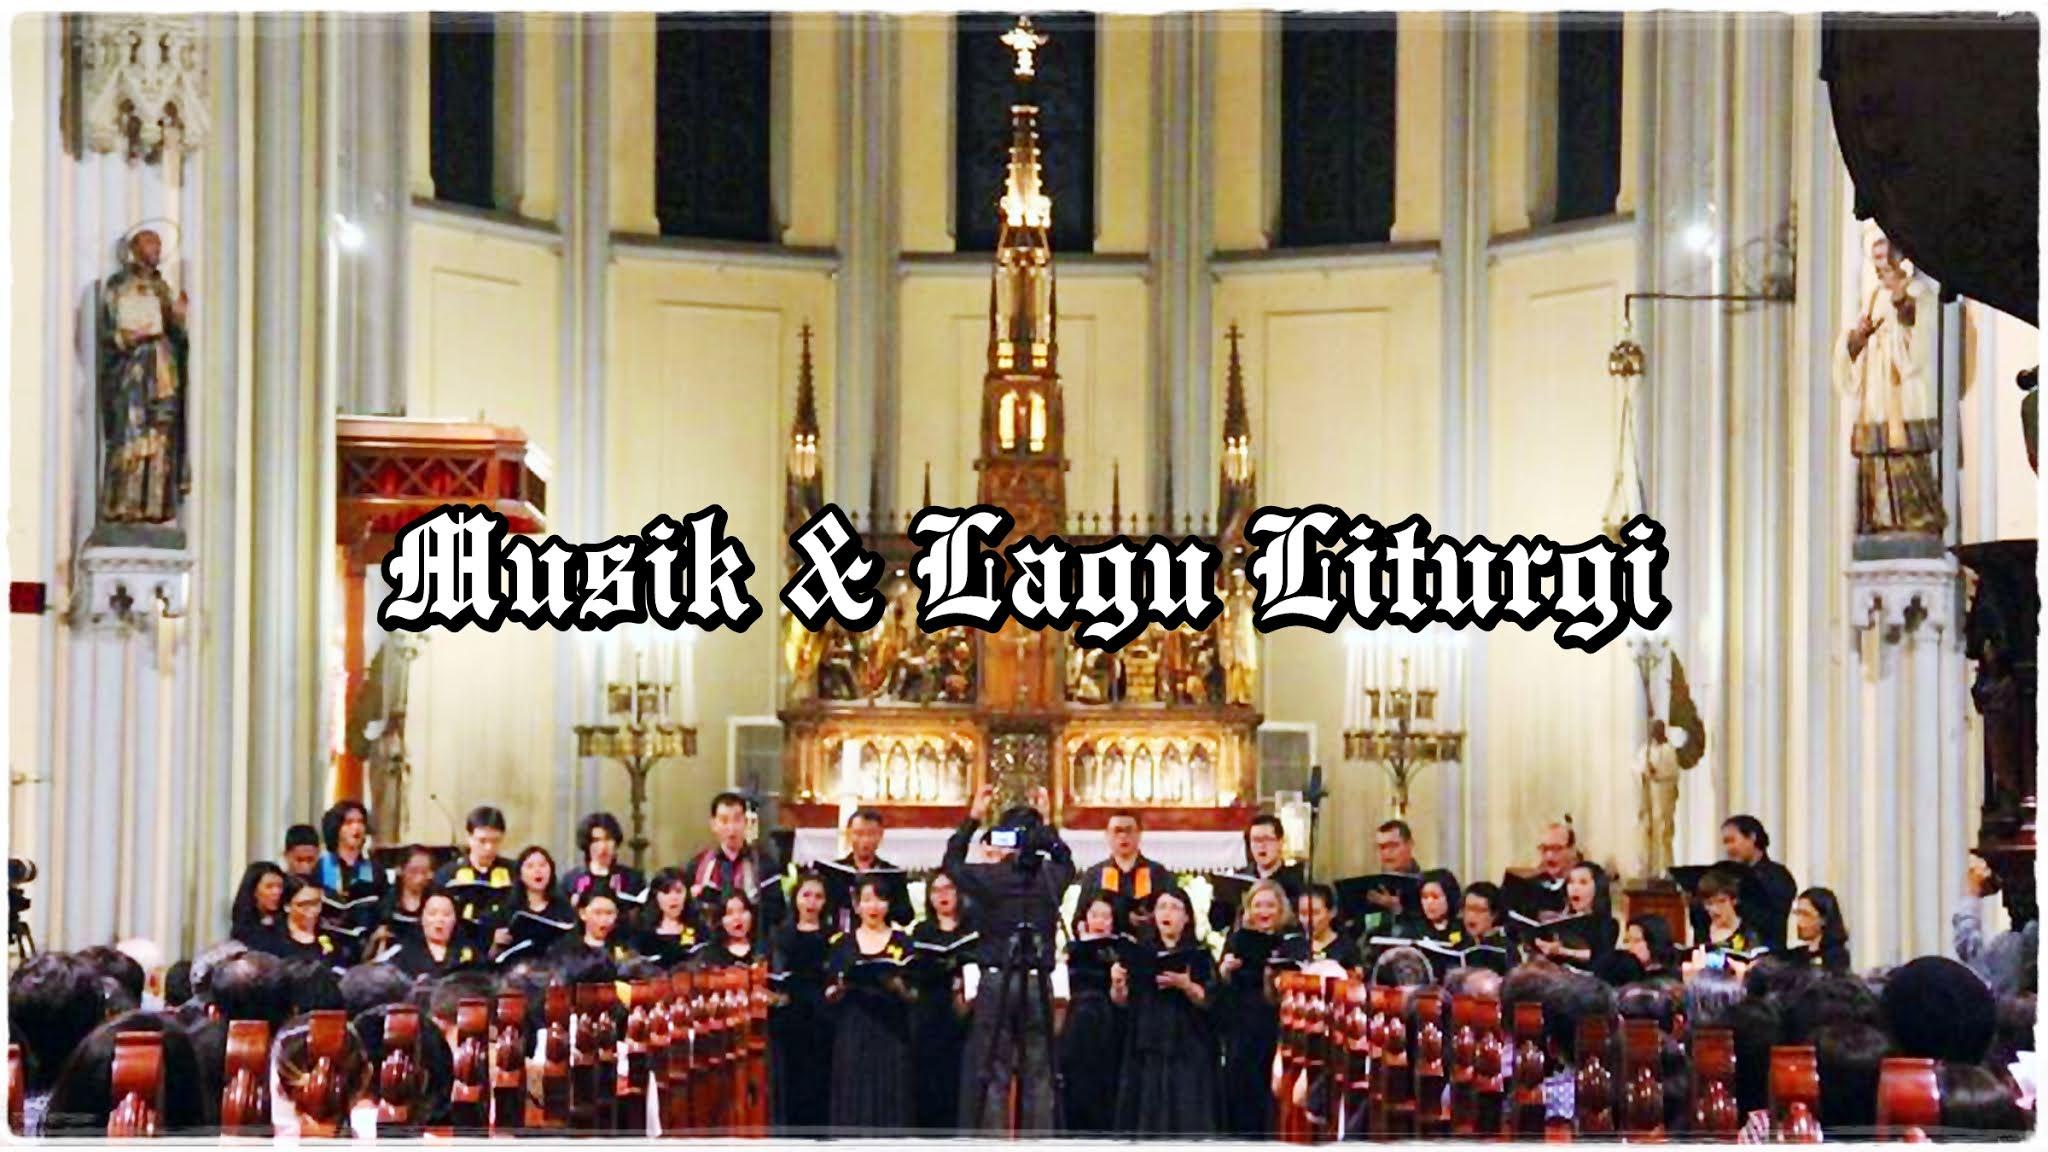 Musik dan Lagu Liturgi